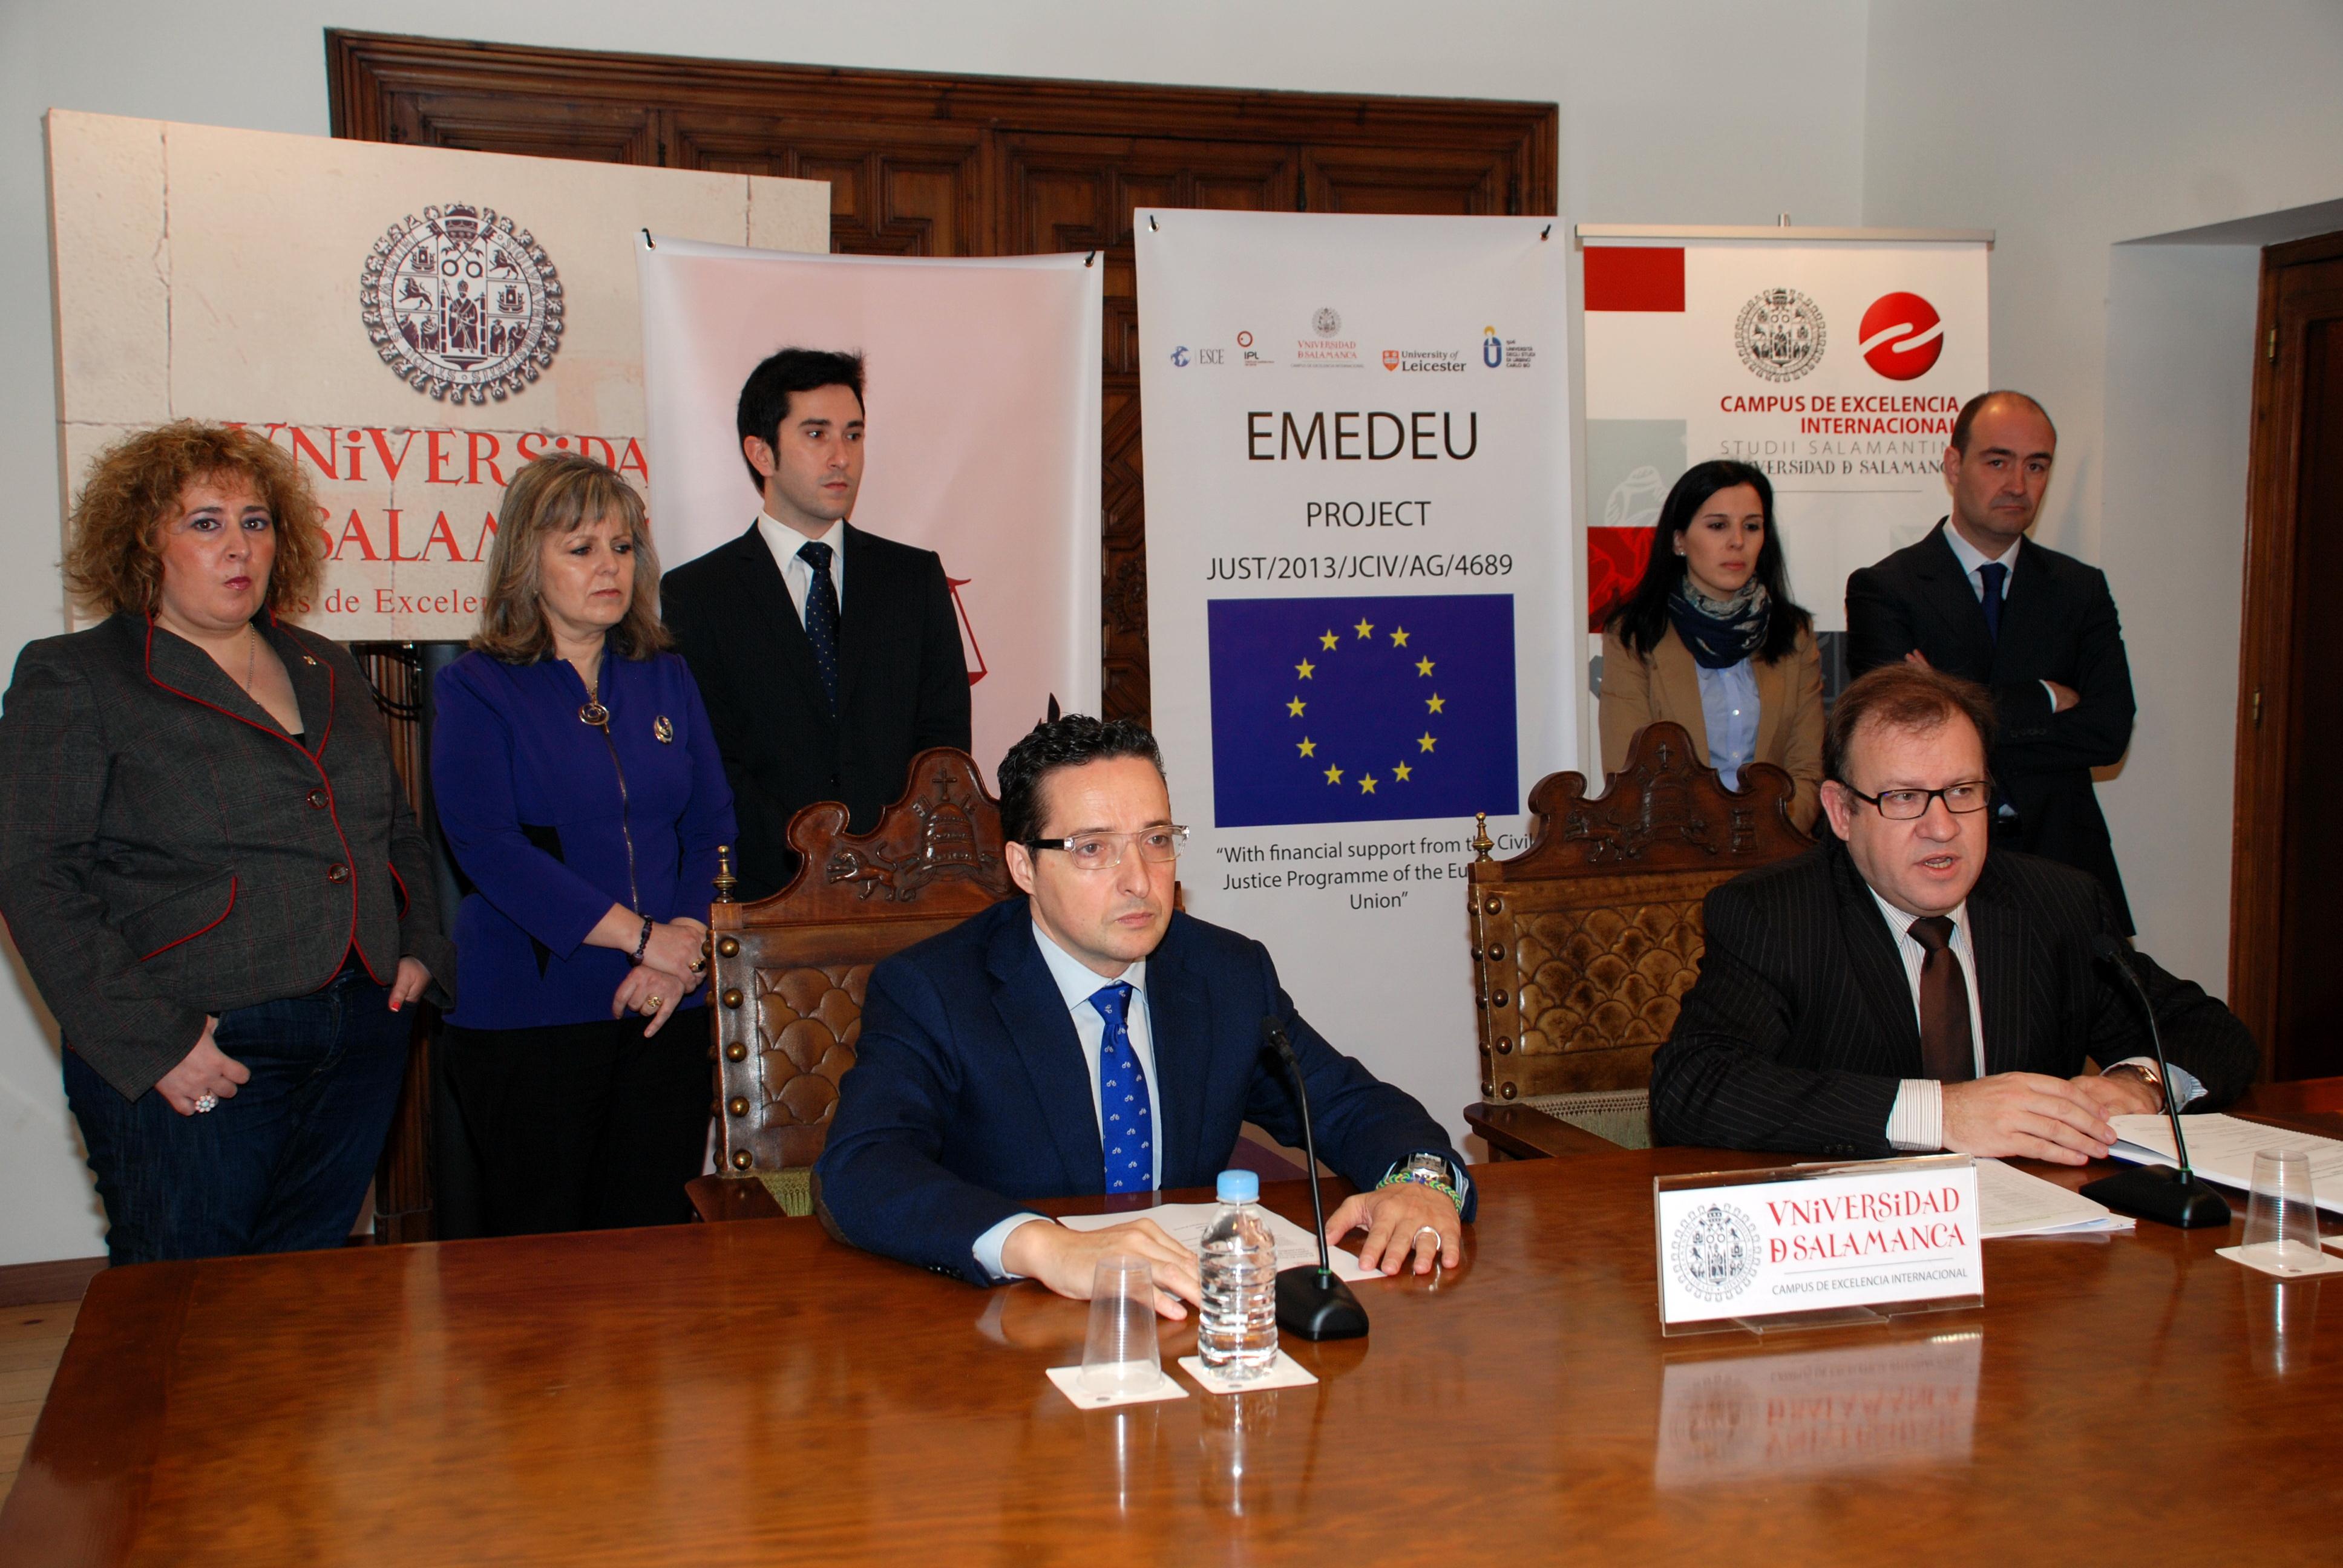 El Área de Derecho Procesal de la Universidad de Salamanca coordinará un proyecto europeo sobre aplicación de nuevas tecnologías en la resolución extrajudicial de conflictos